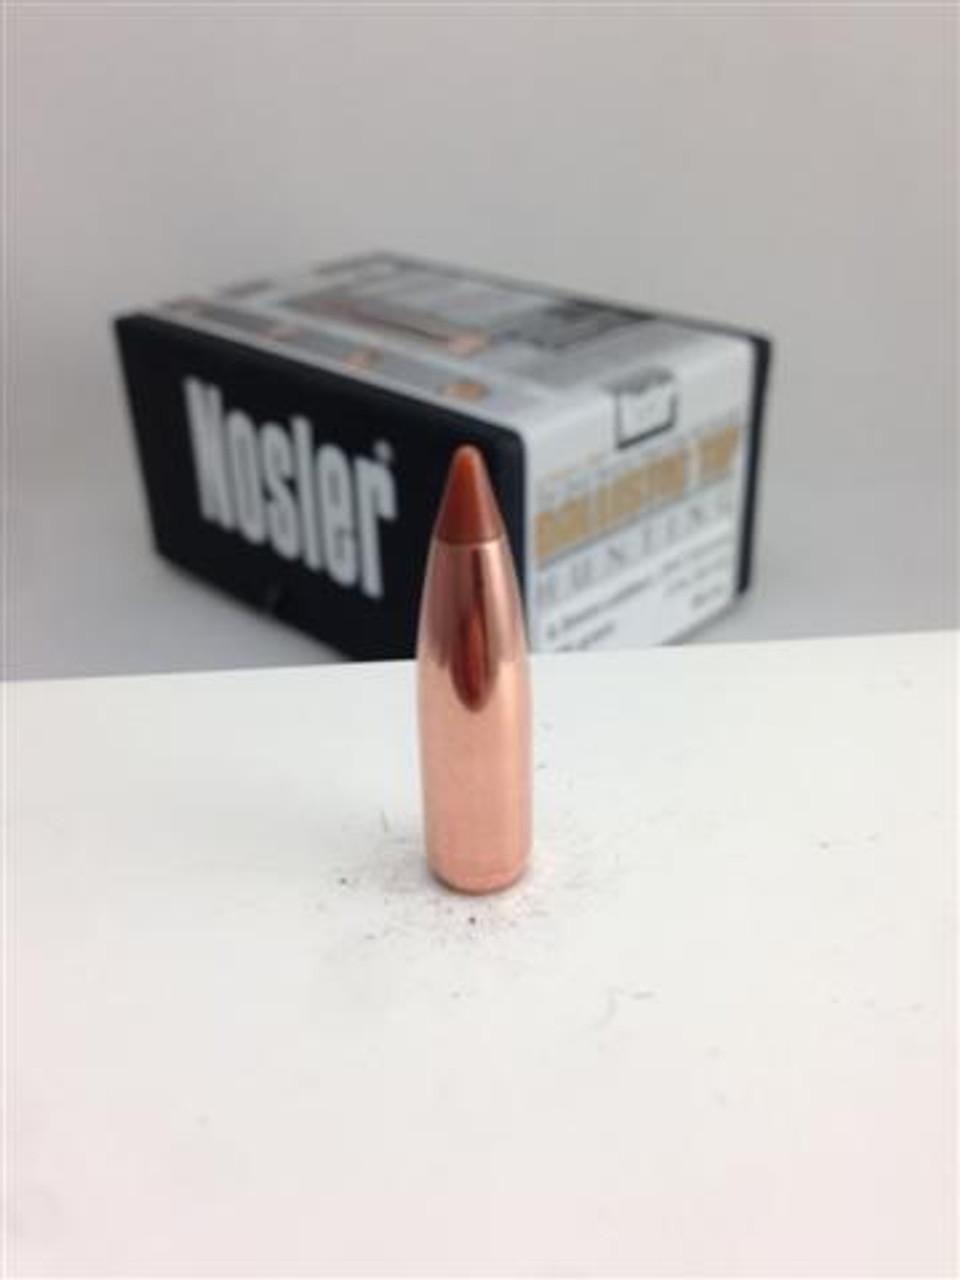 Nosler Bullets 6 5mm Cal/ 264 Dia  120gr Ballistic Tip - 50pk